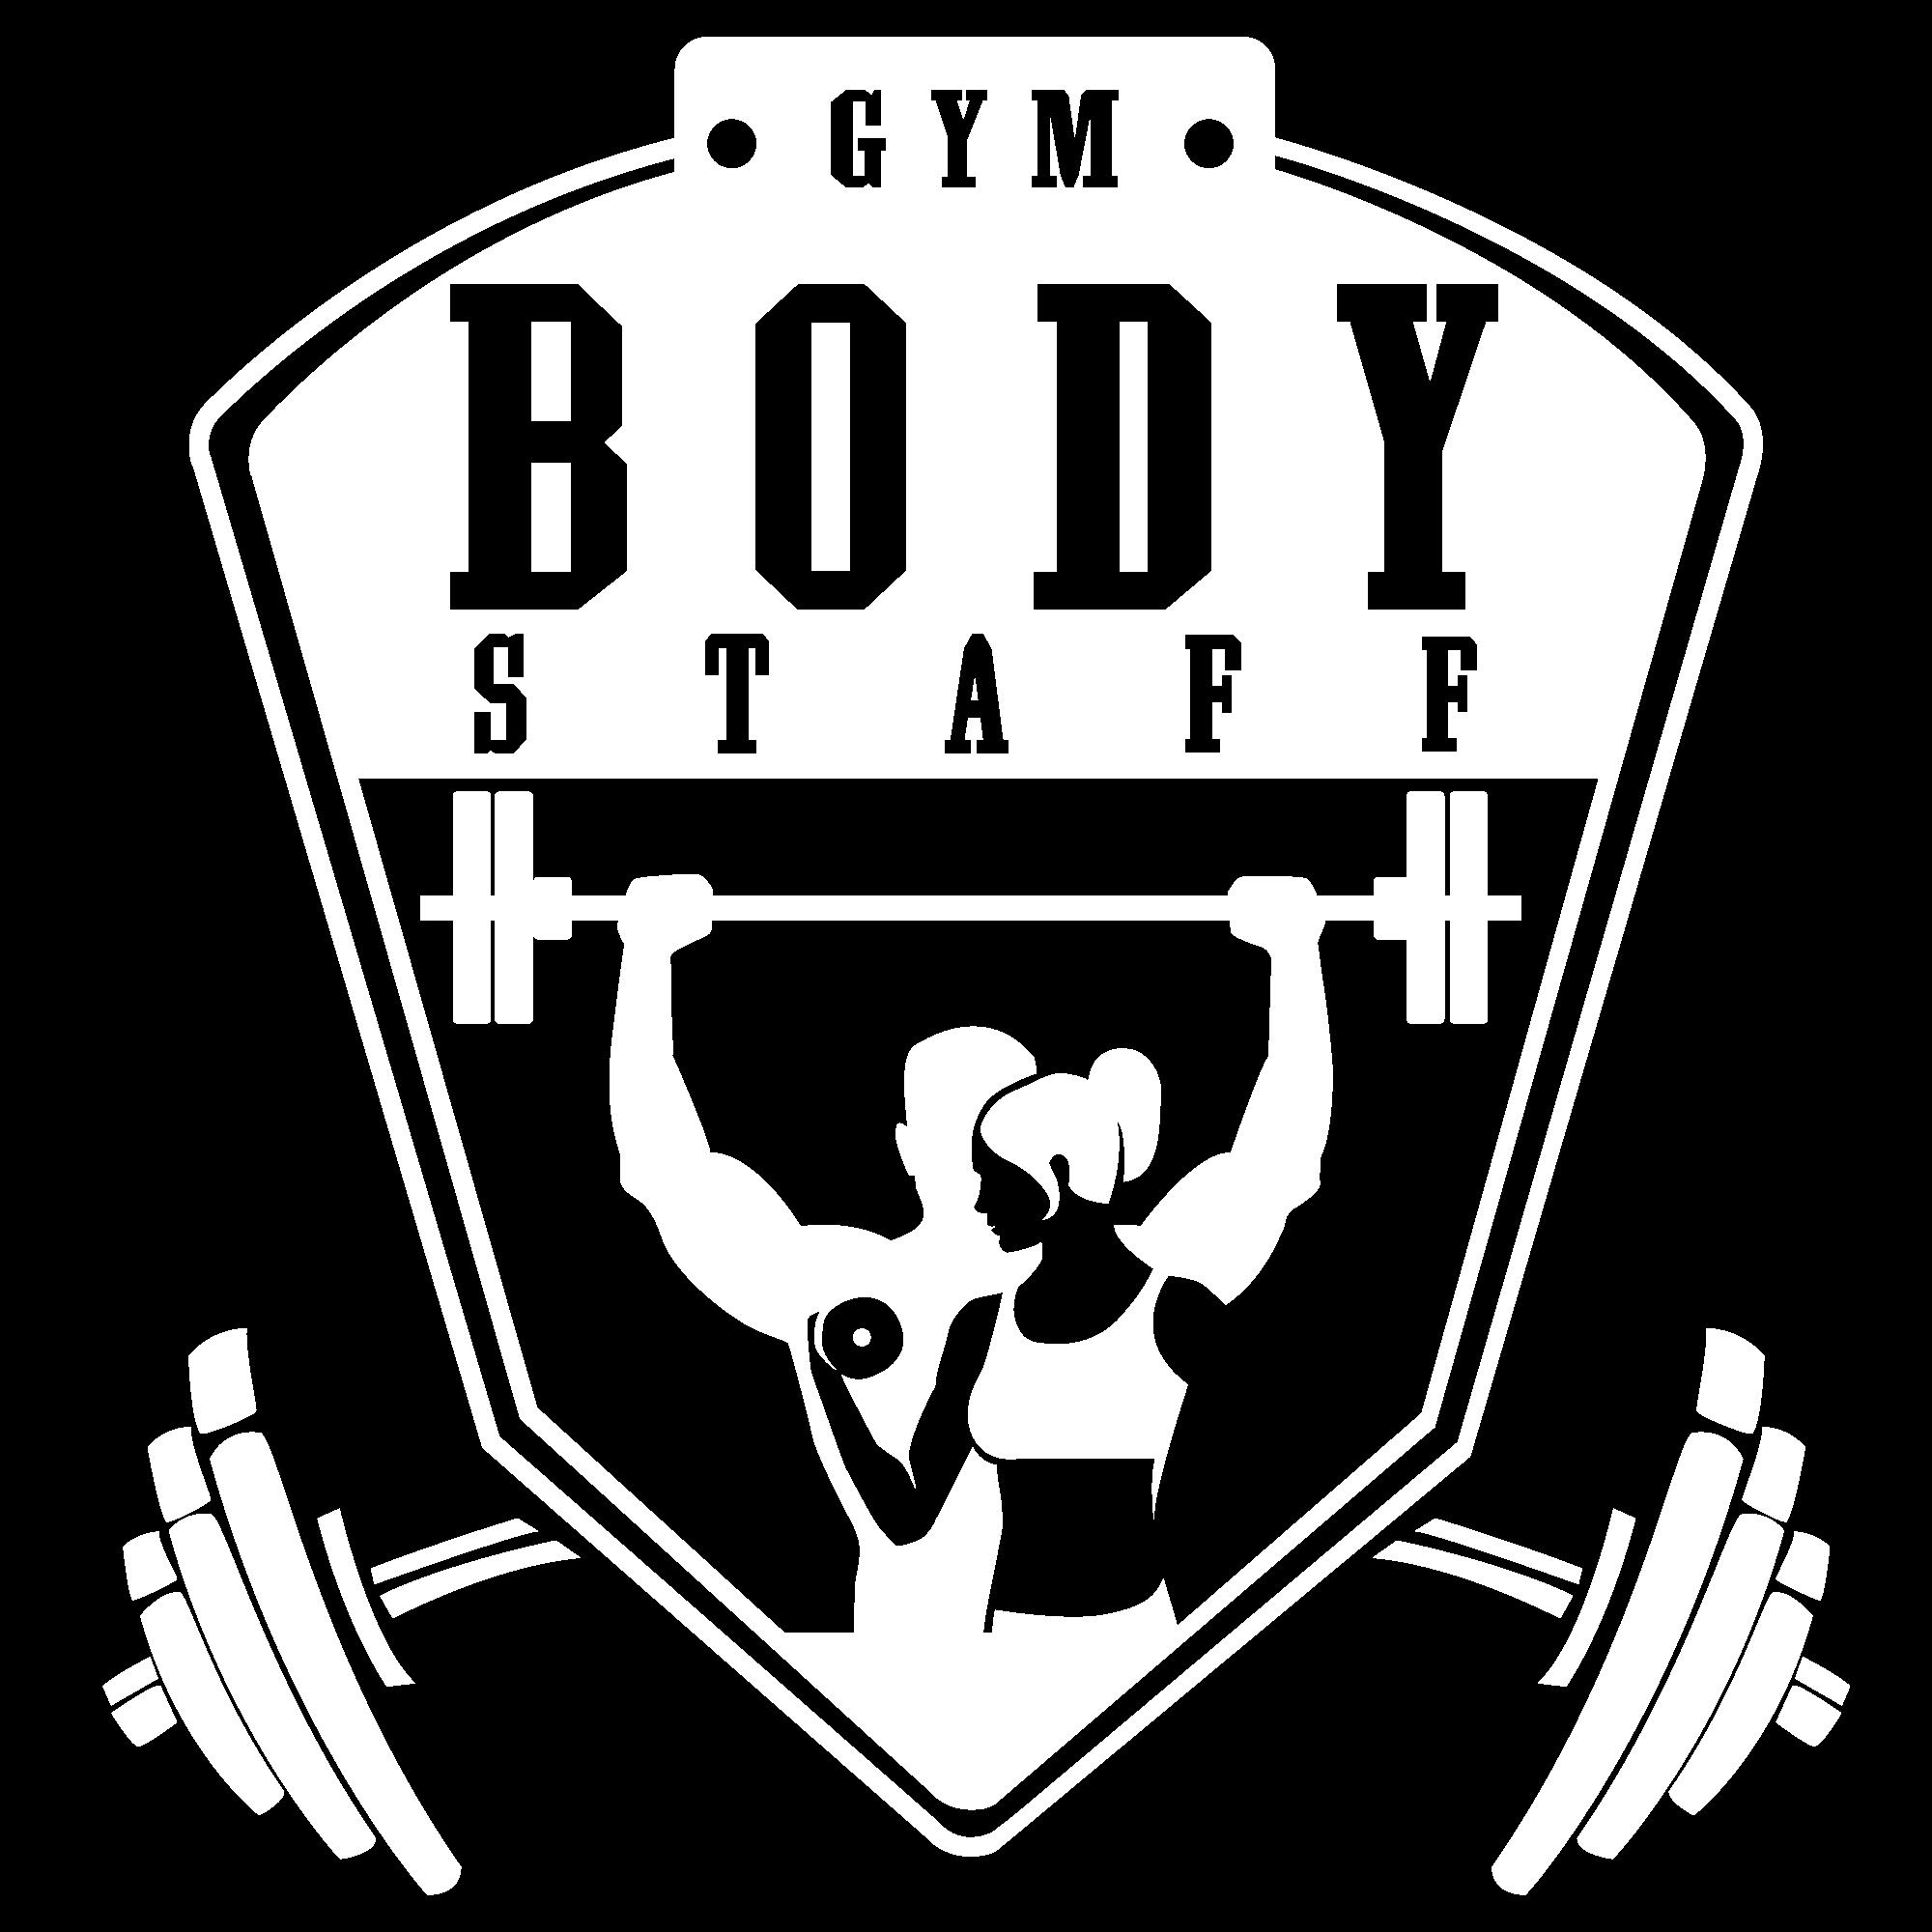 Logo Blanc sans fond (transparent) Body Staff Gym salle de sport à Artigues-près-Bordeaux